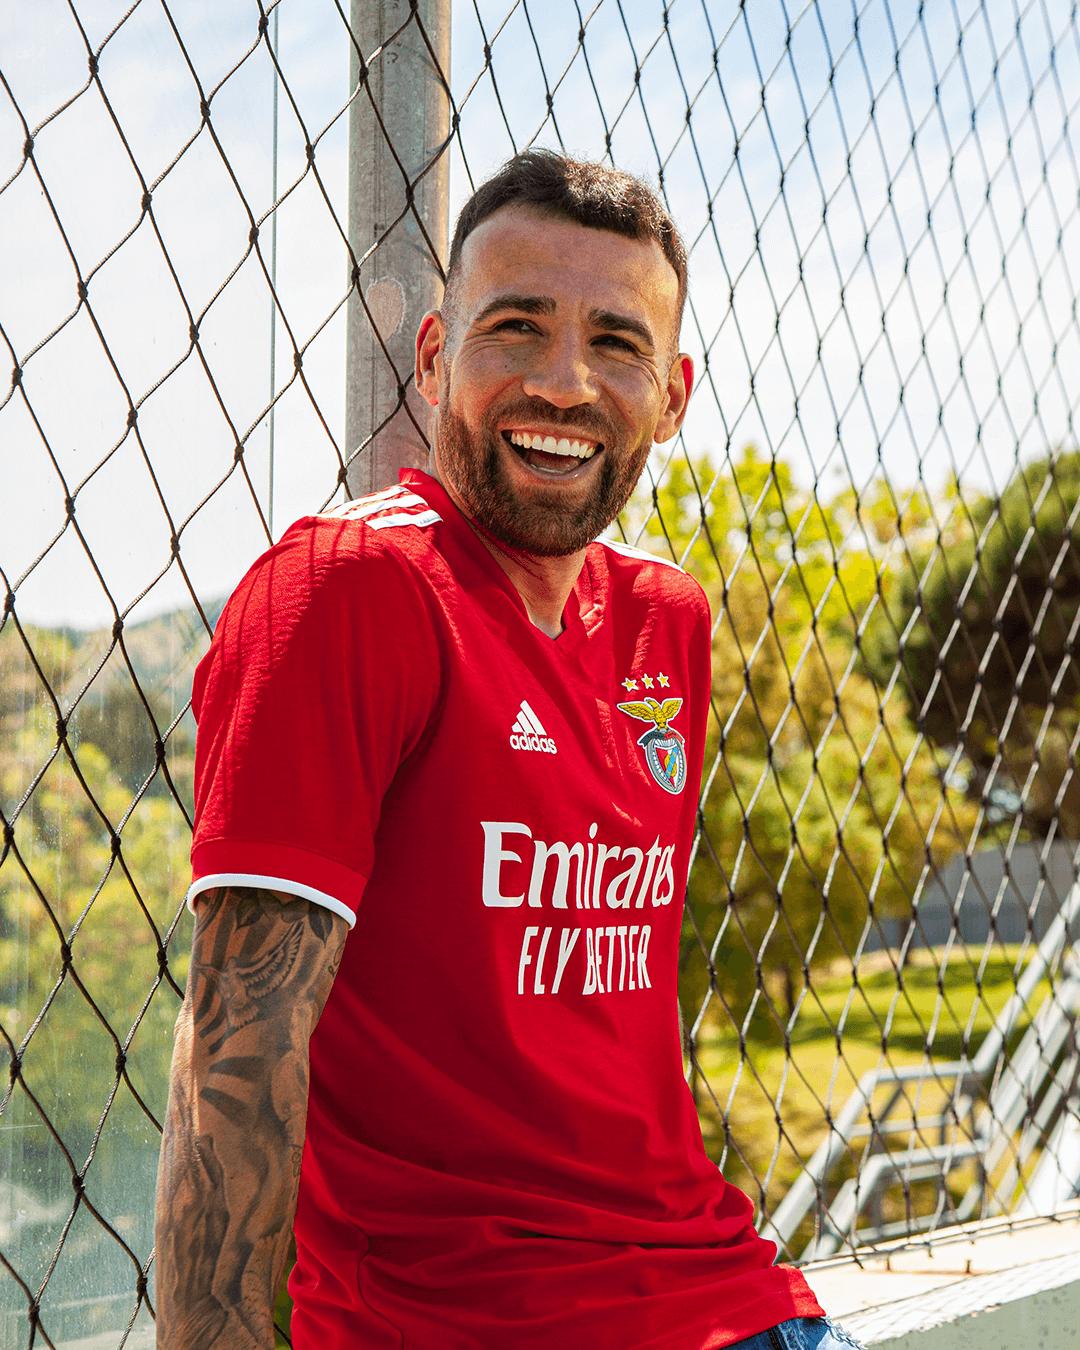 Maillot Benfica Lisbonne 2021-2022 adidas